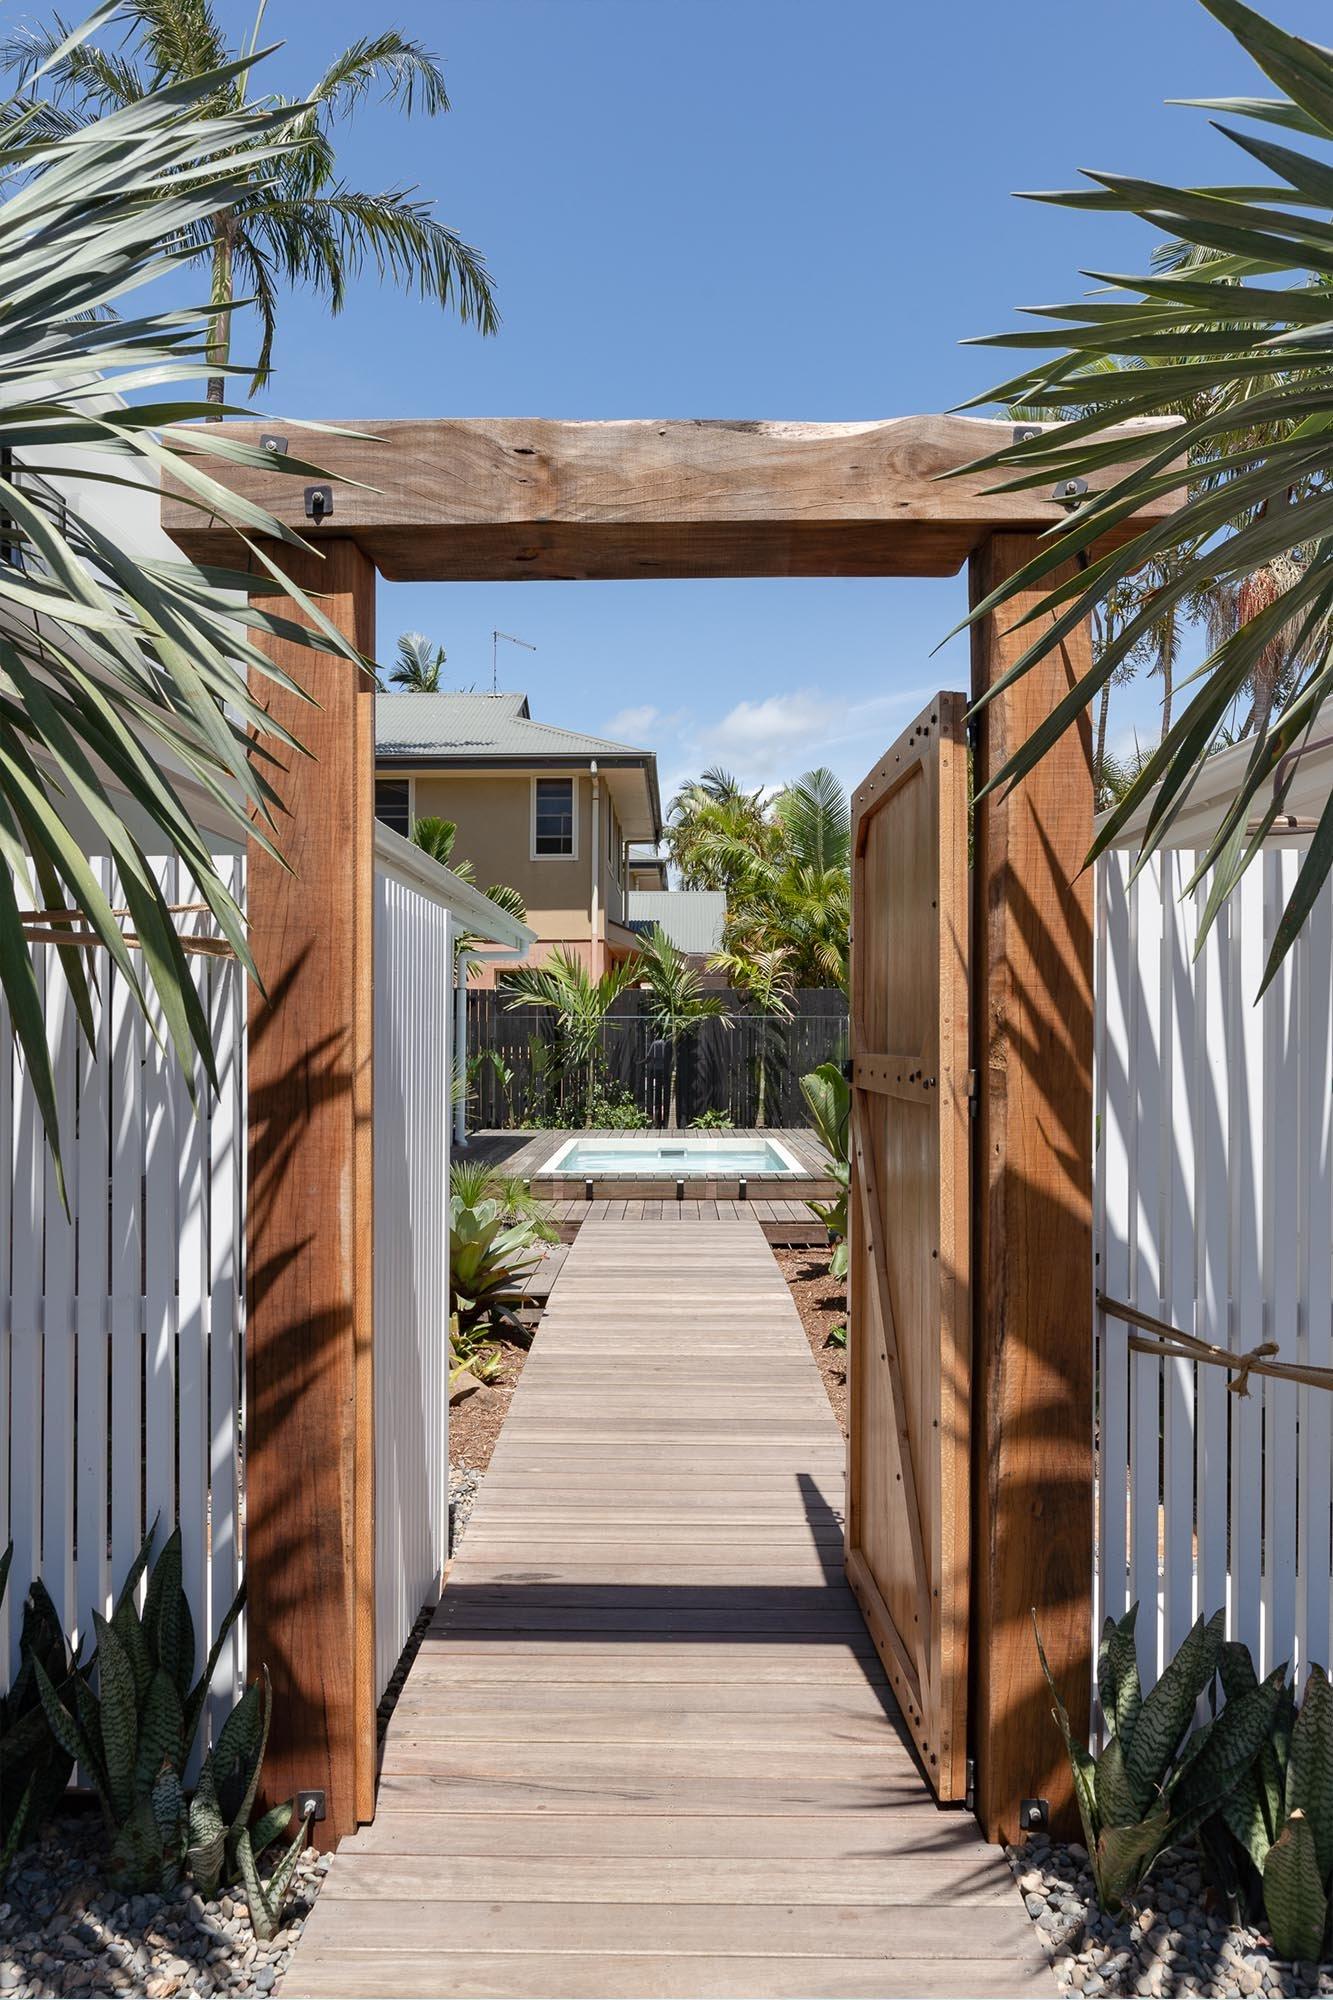 3.6m x 2.2m Plungie Studio Concrete Plunge Pool